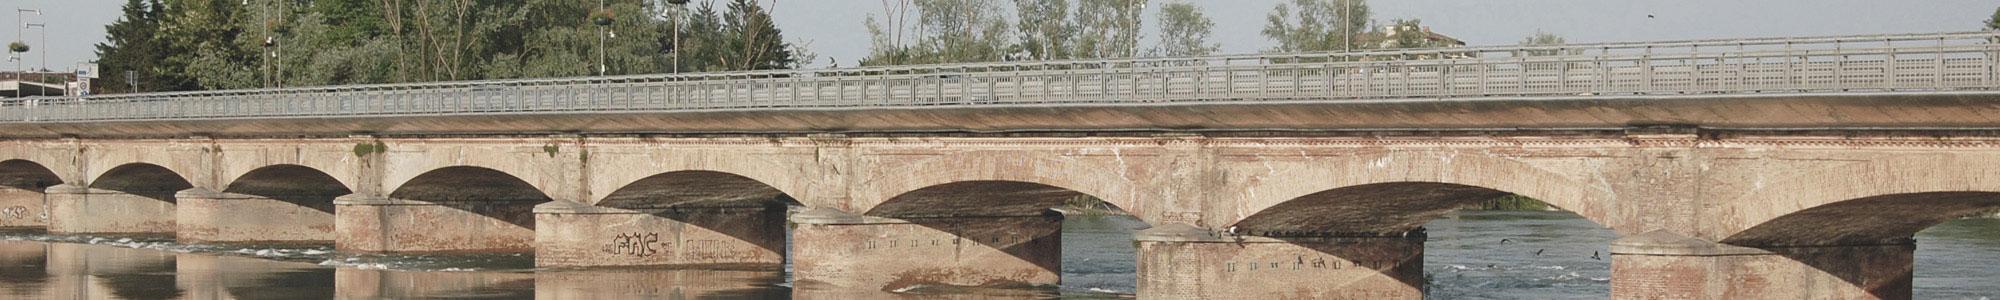 ponte-di-lodi